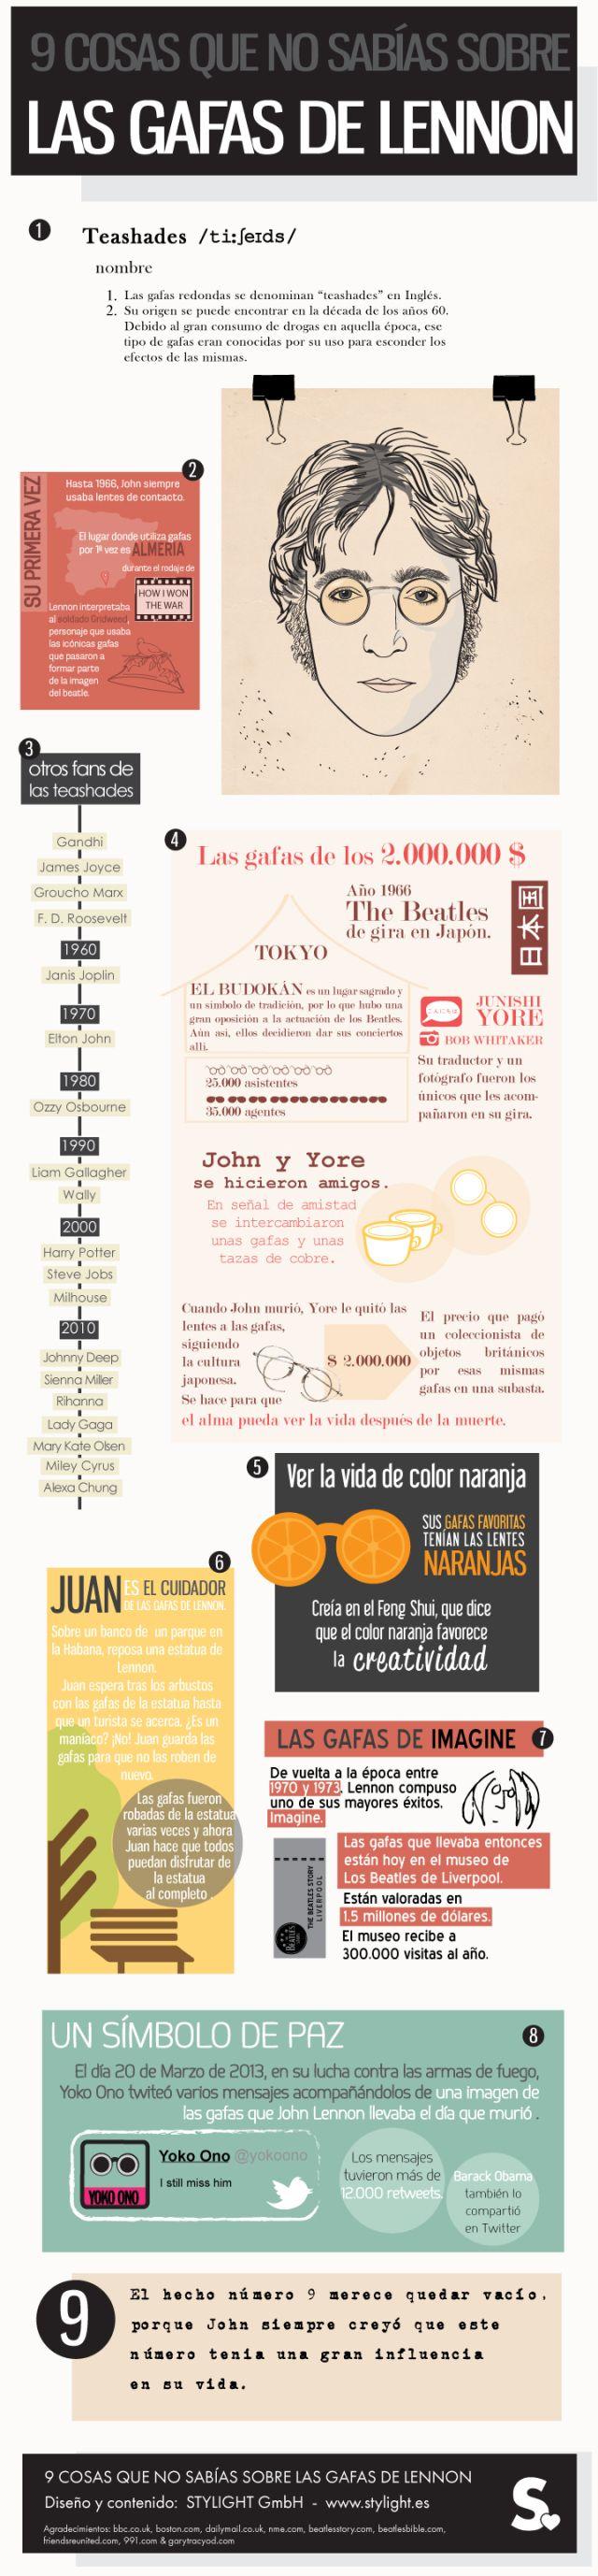 9 cosas que no sabías sobre las gafas de Lennon #infografia